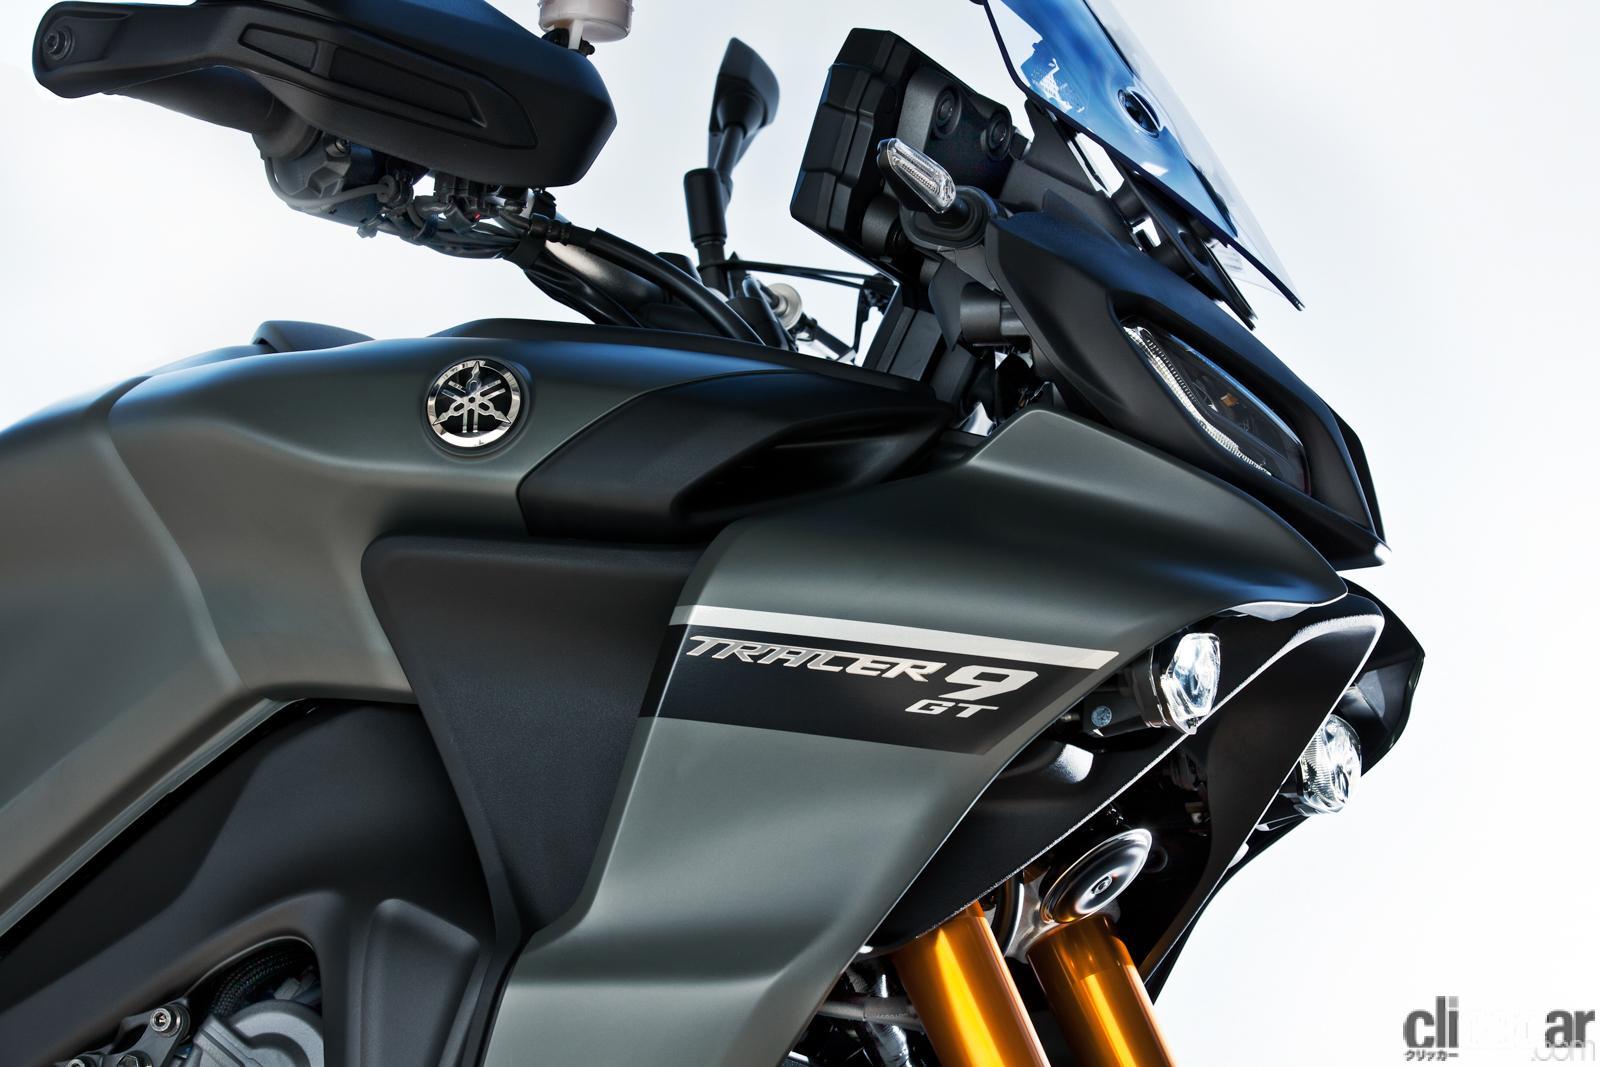 「何キロでも走れる超快適仕様! ヤマハTRACER9 GT ABSは電子制御の恩恵をフルに体感できる高性能スポーツツアラー」の8枚目の画像